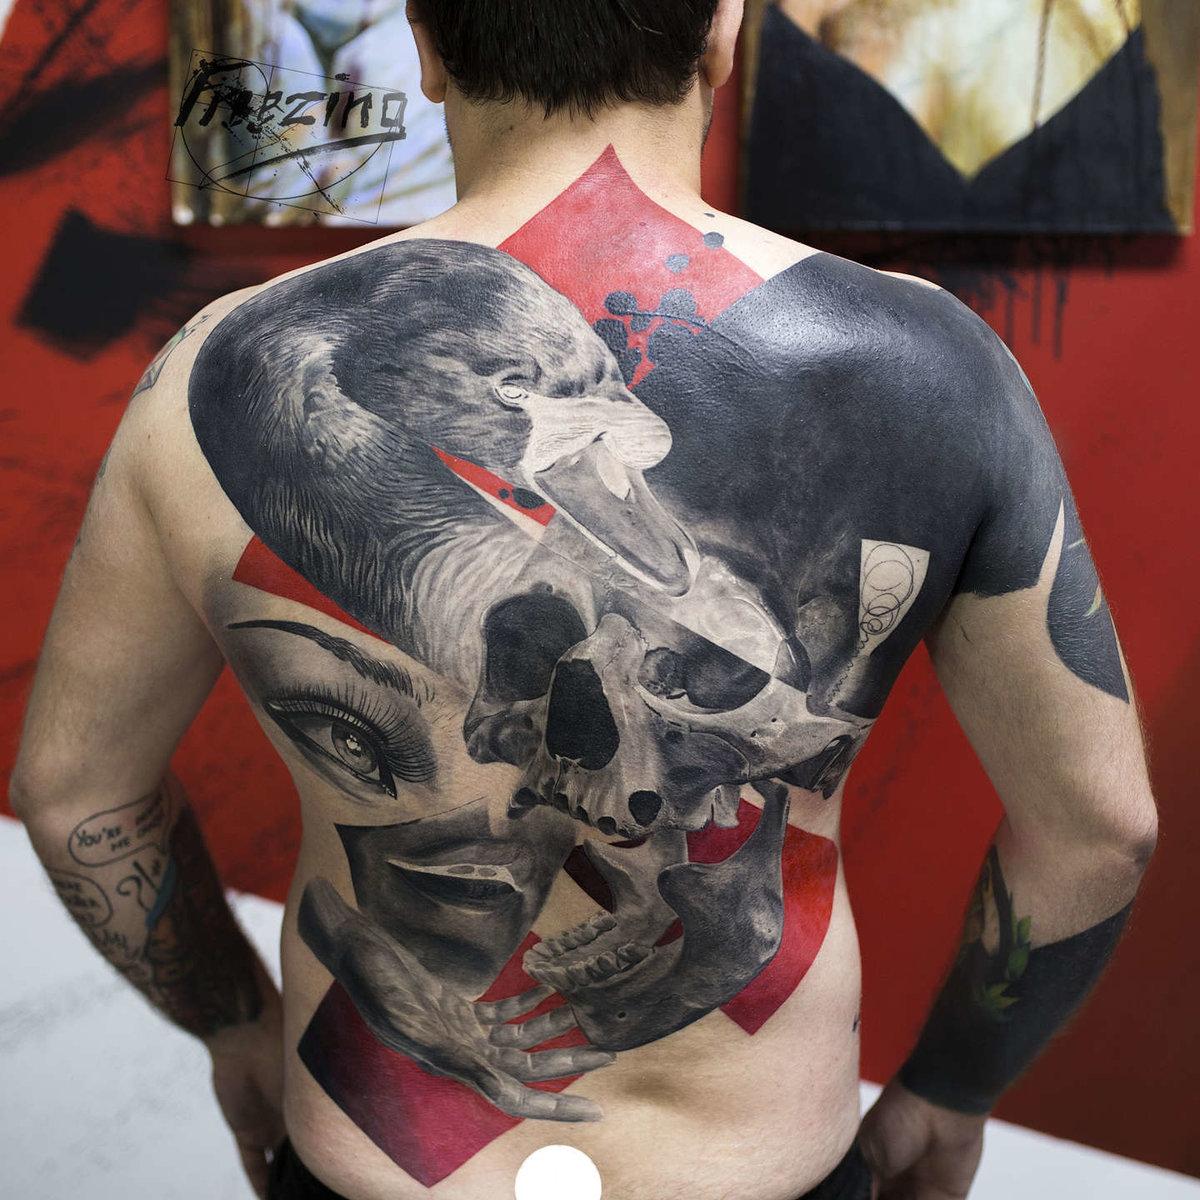 приготовления больших тату на спине трэш мужские фото бизнес изготовлению светящихся